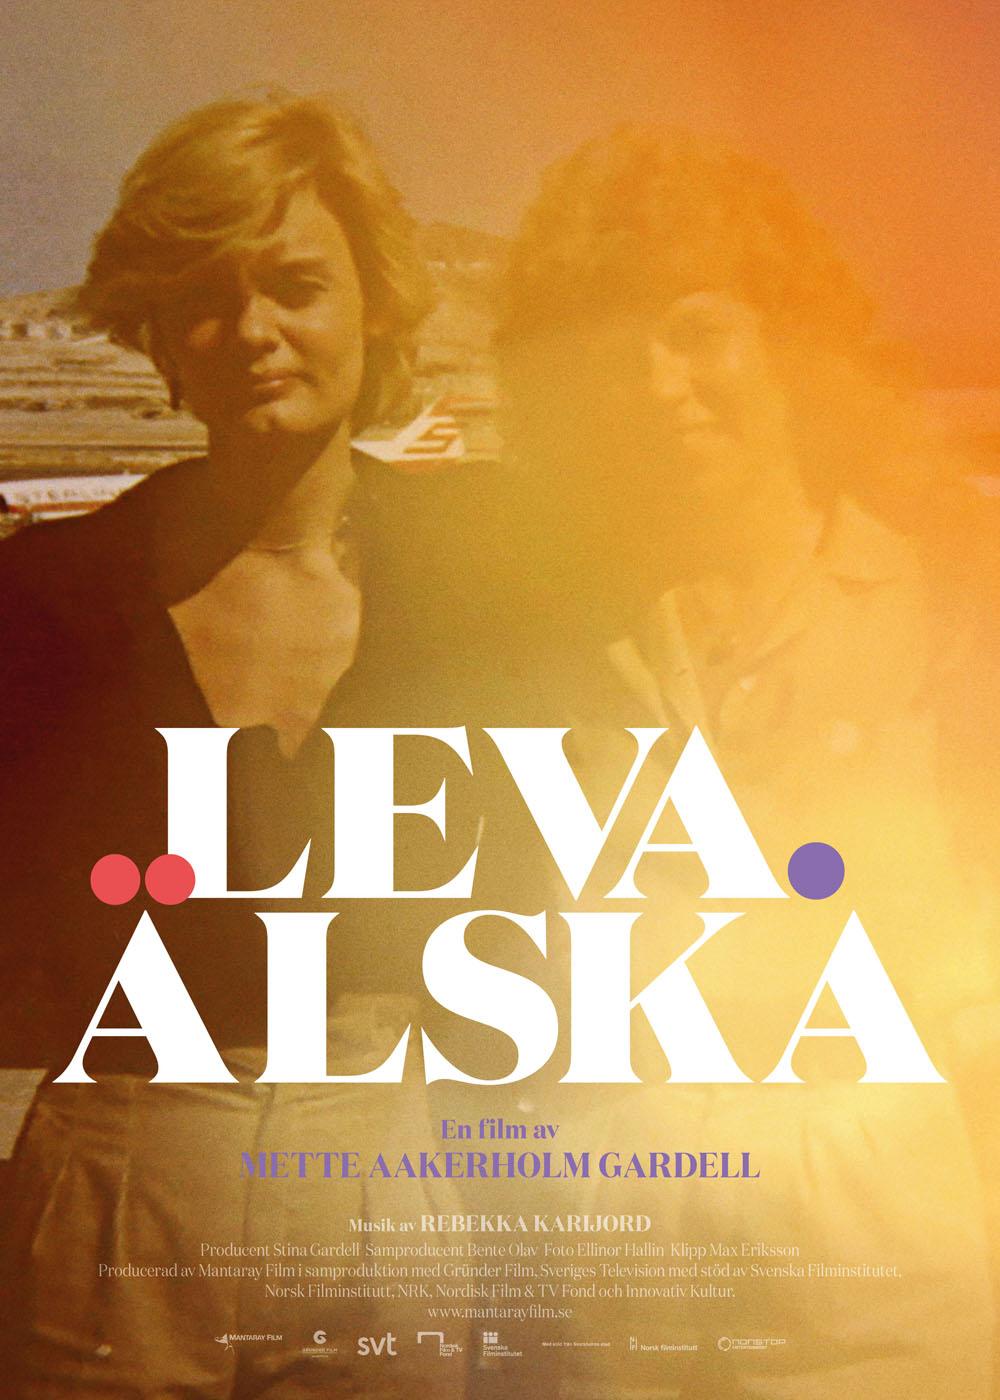 levaalska_poster.jpg